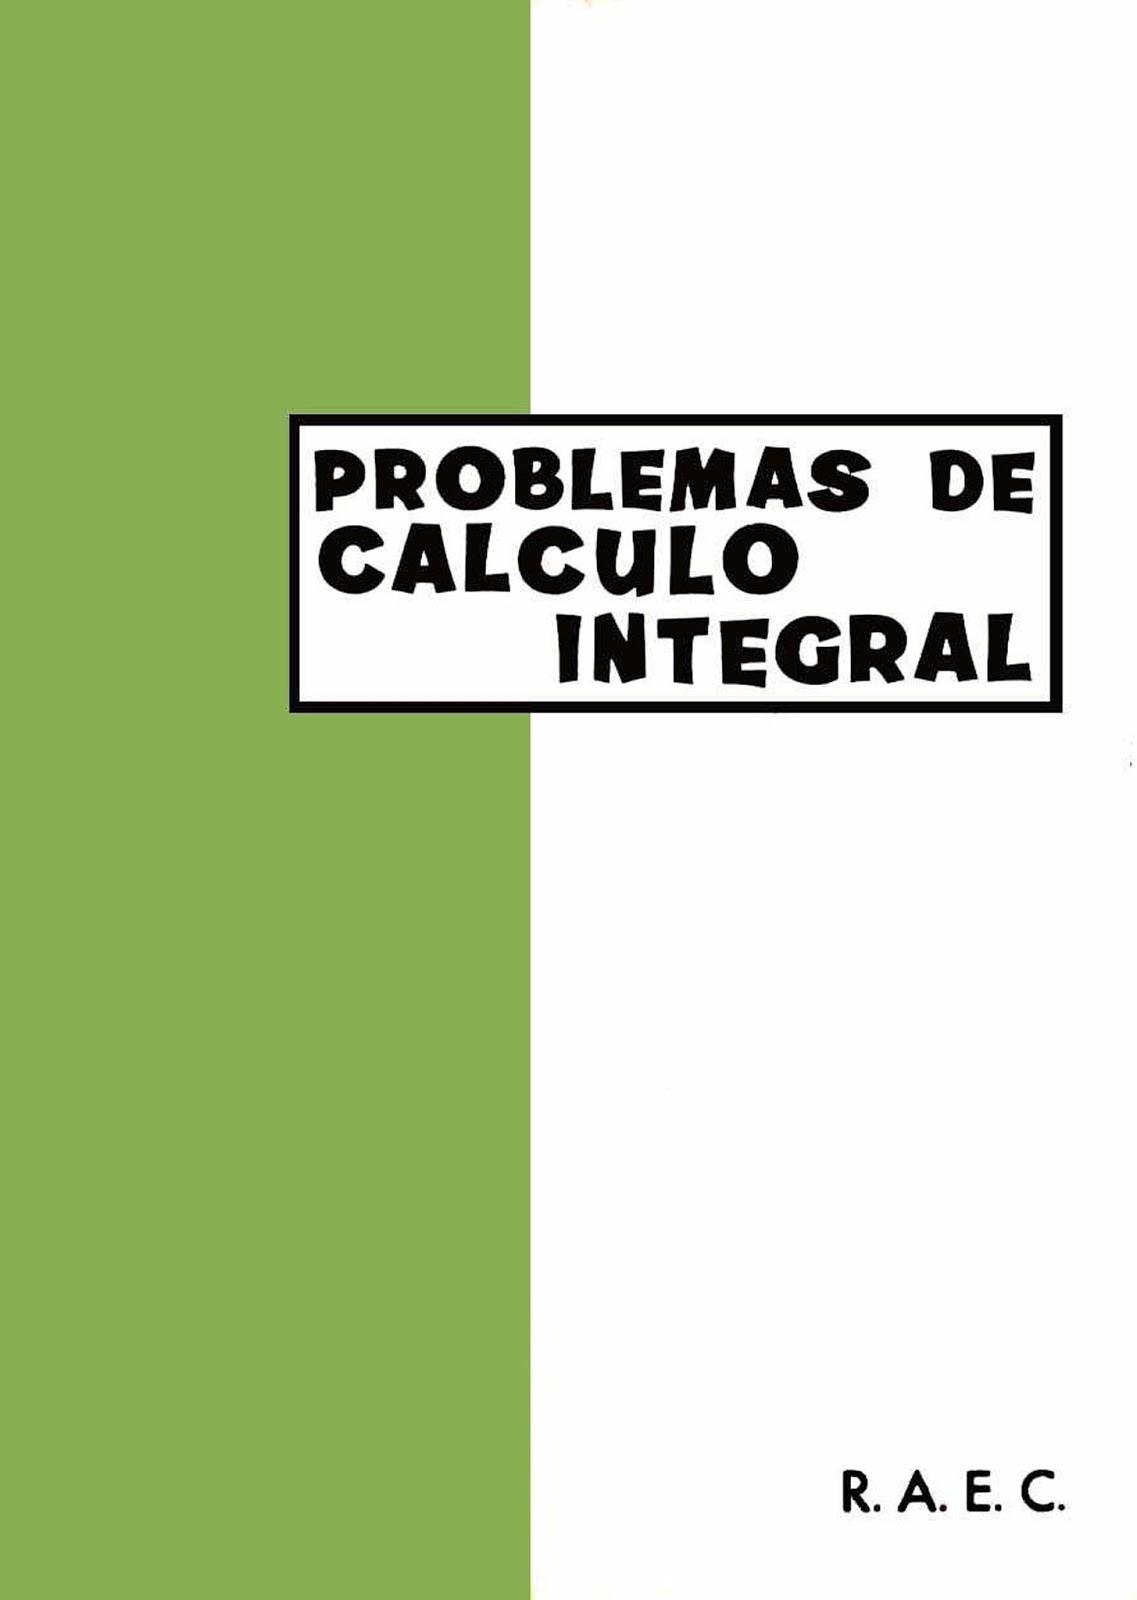 Problemas de Cálculo Infinitesimal – RAEC